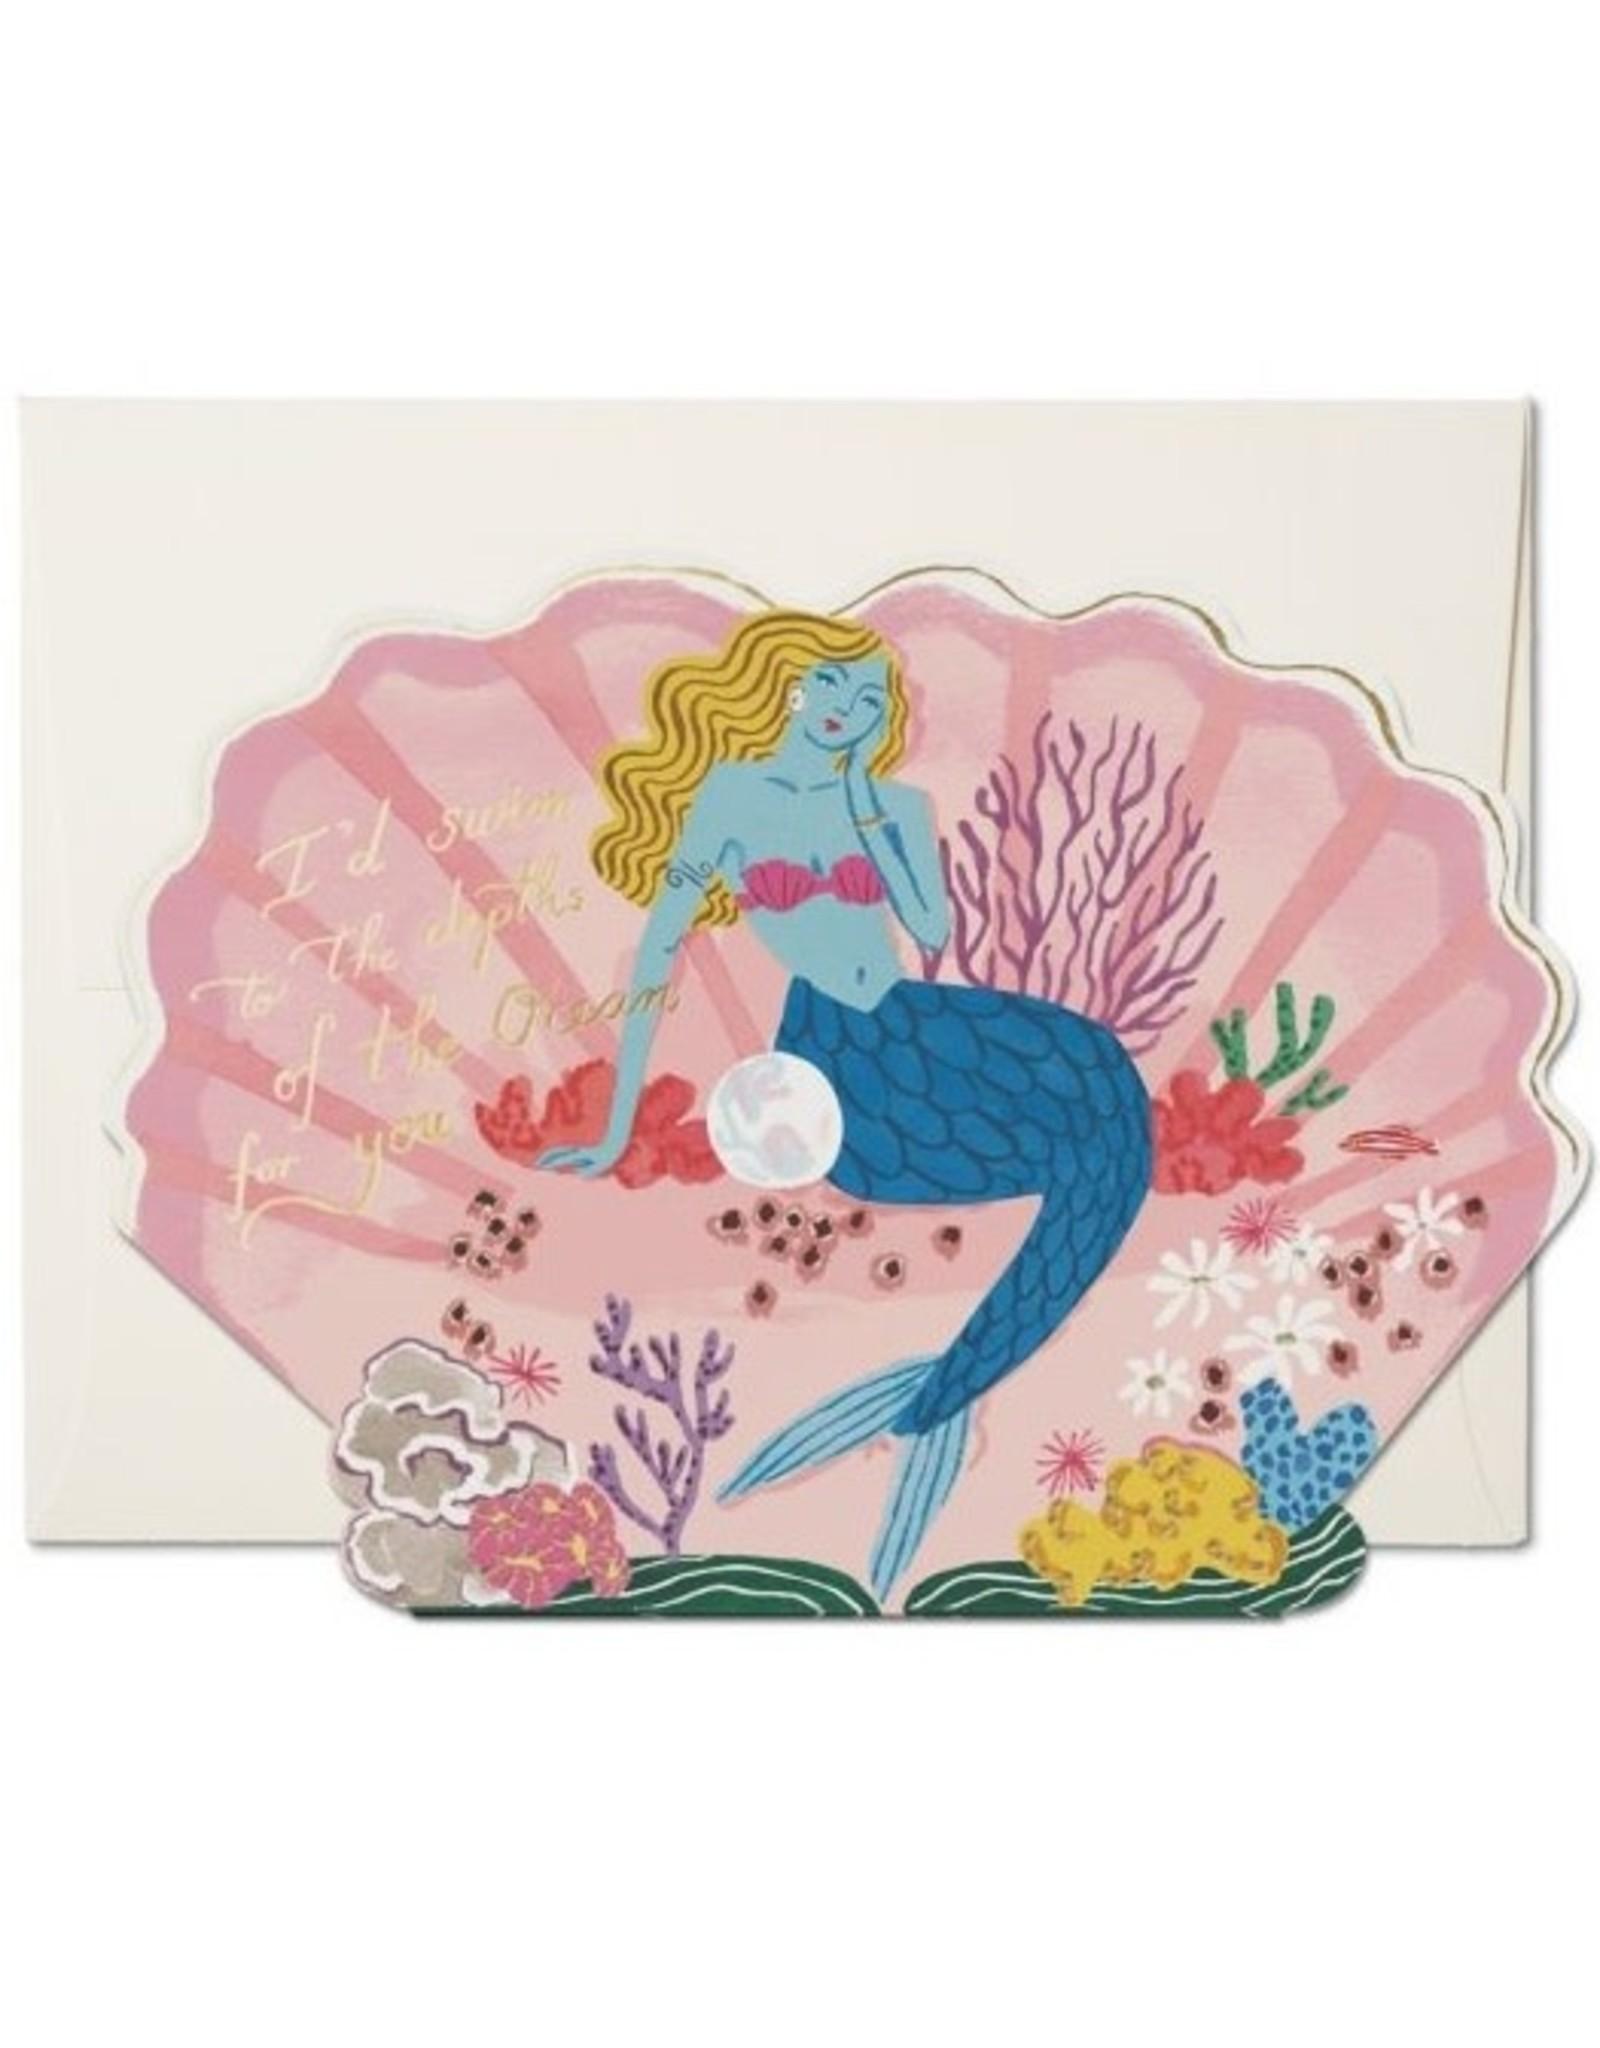 Red Cap Cards Blue Mermaid Die Cut love A7 Notecard